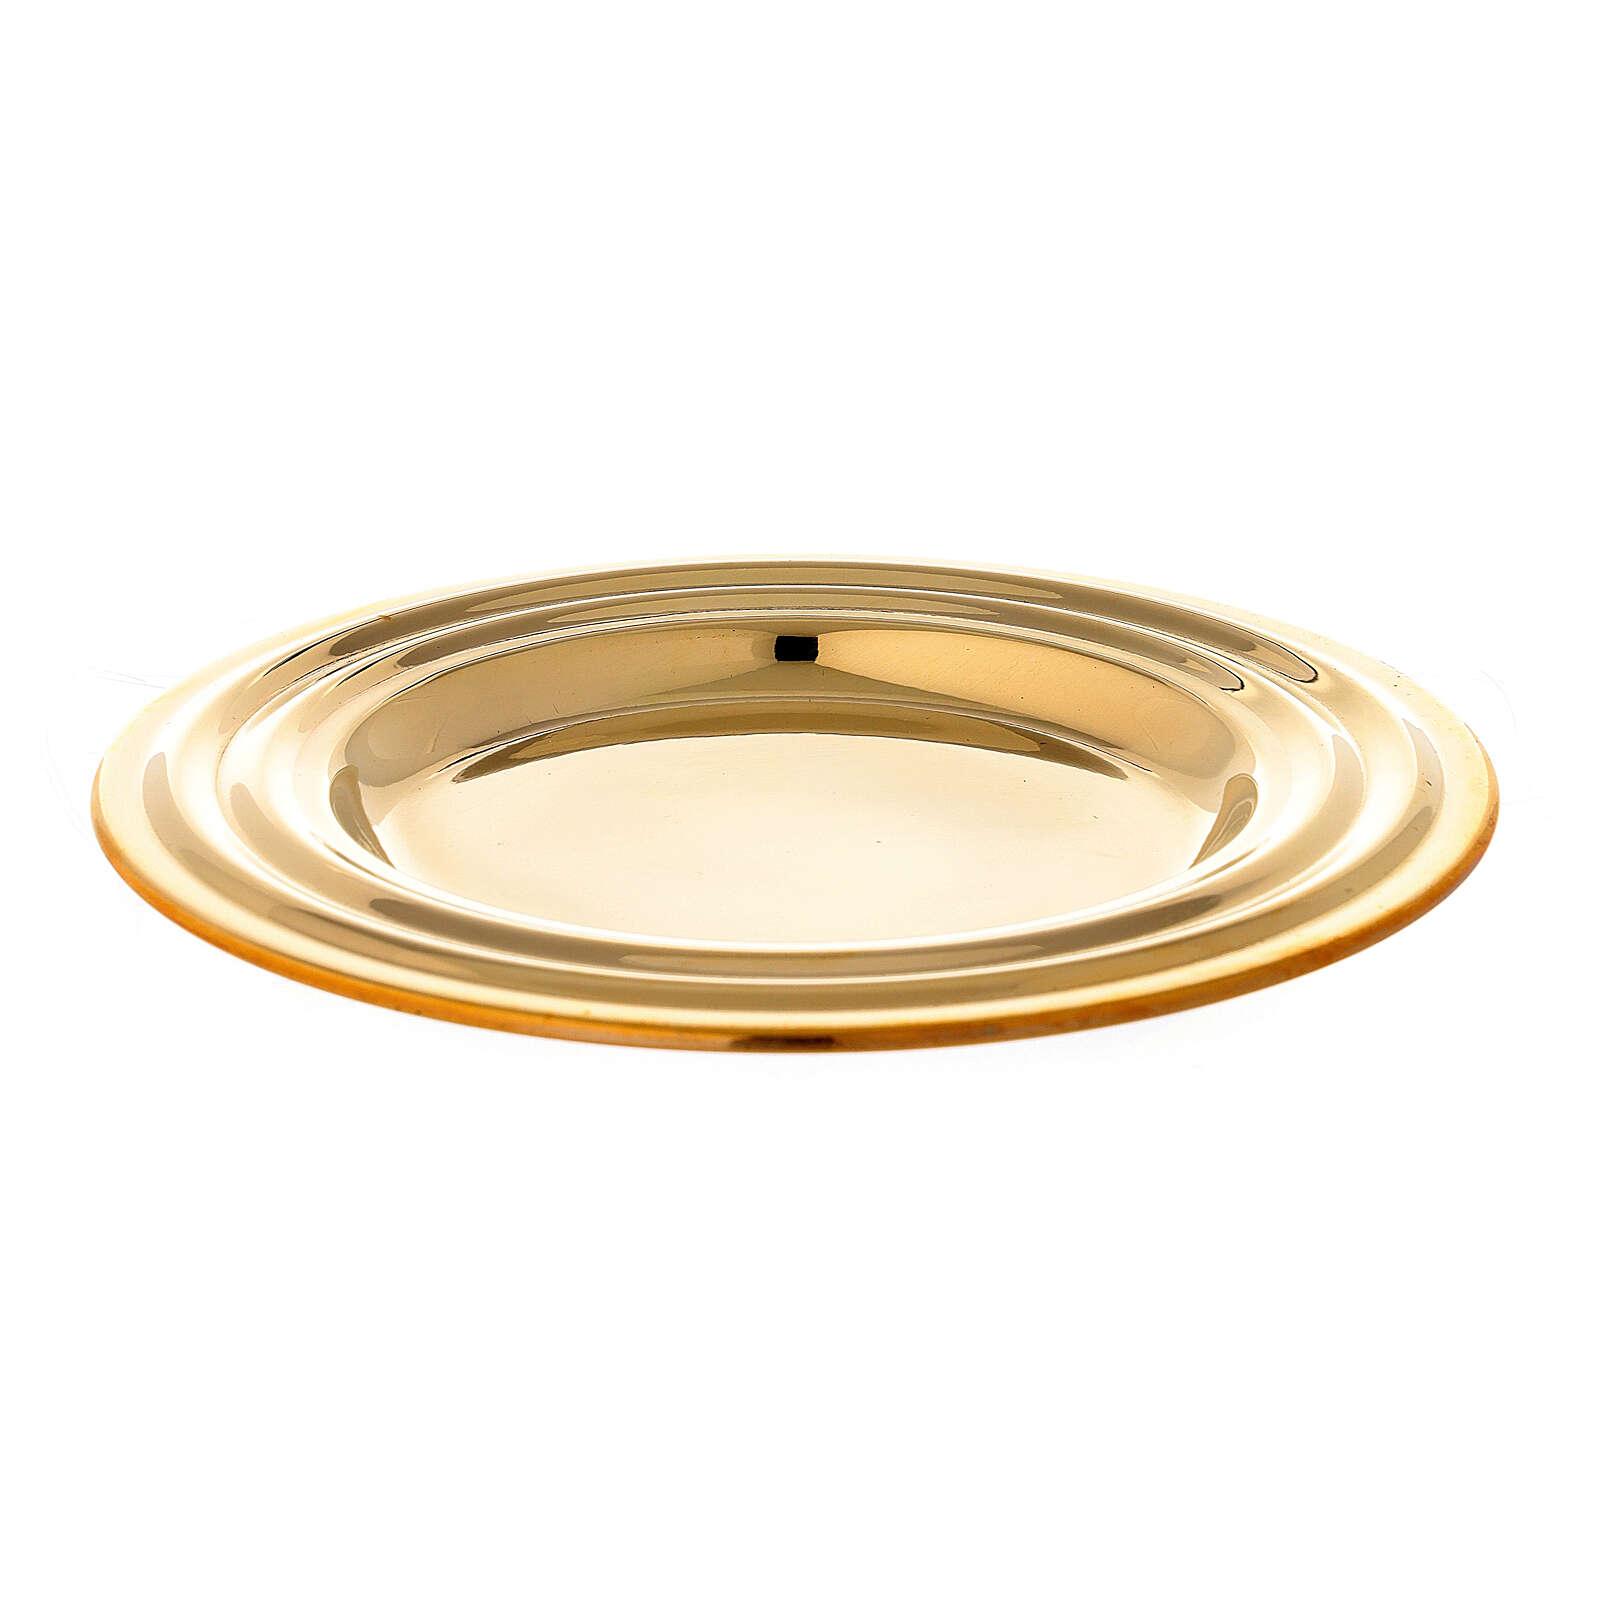 Assiette pour bougie ronde laiton doré diamètre 13 cm 3